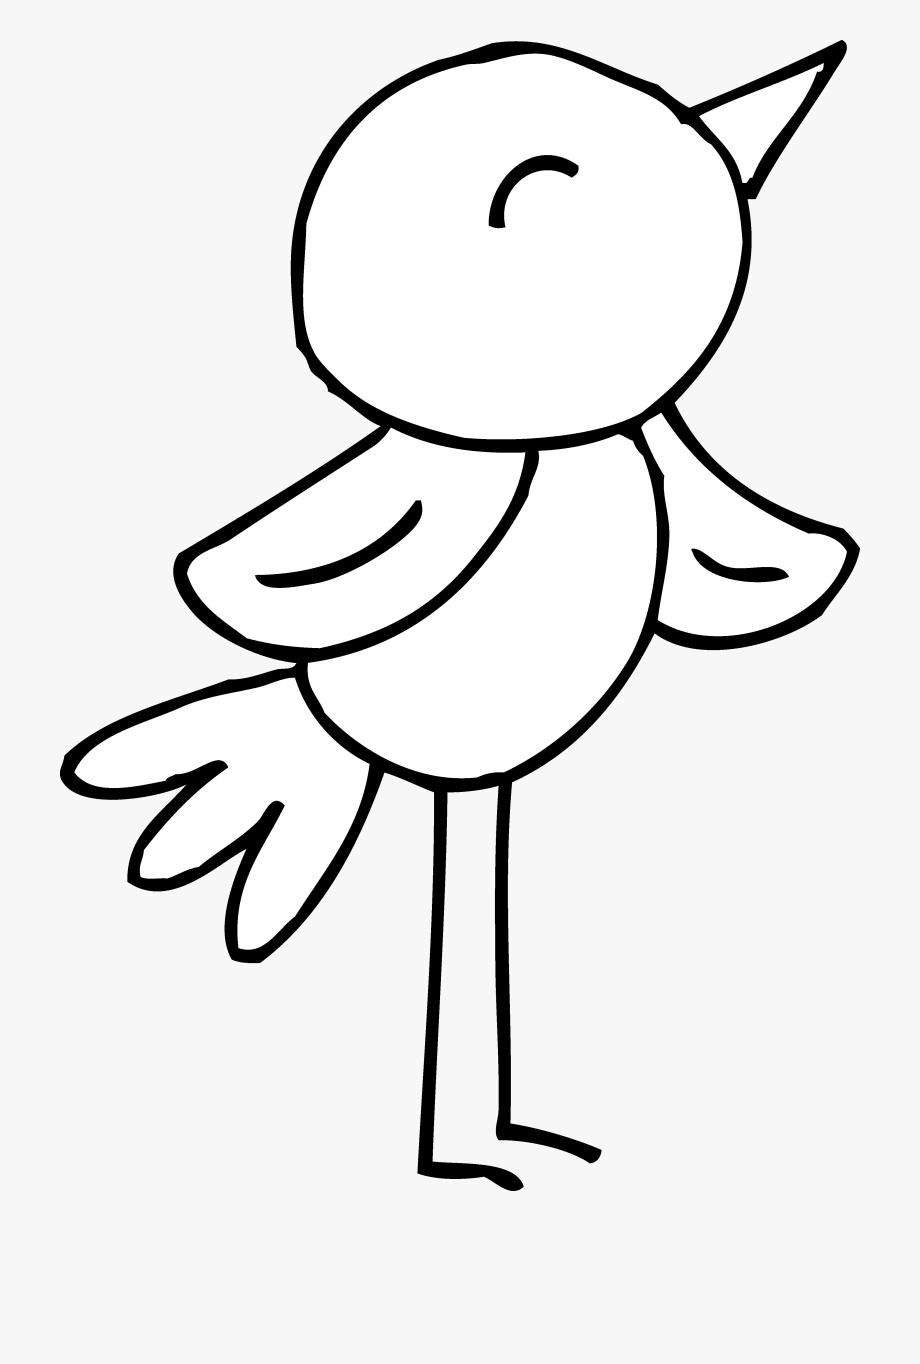 Tranh tô màu của bé chim cách điệu